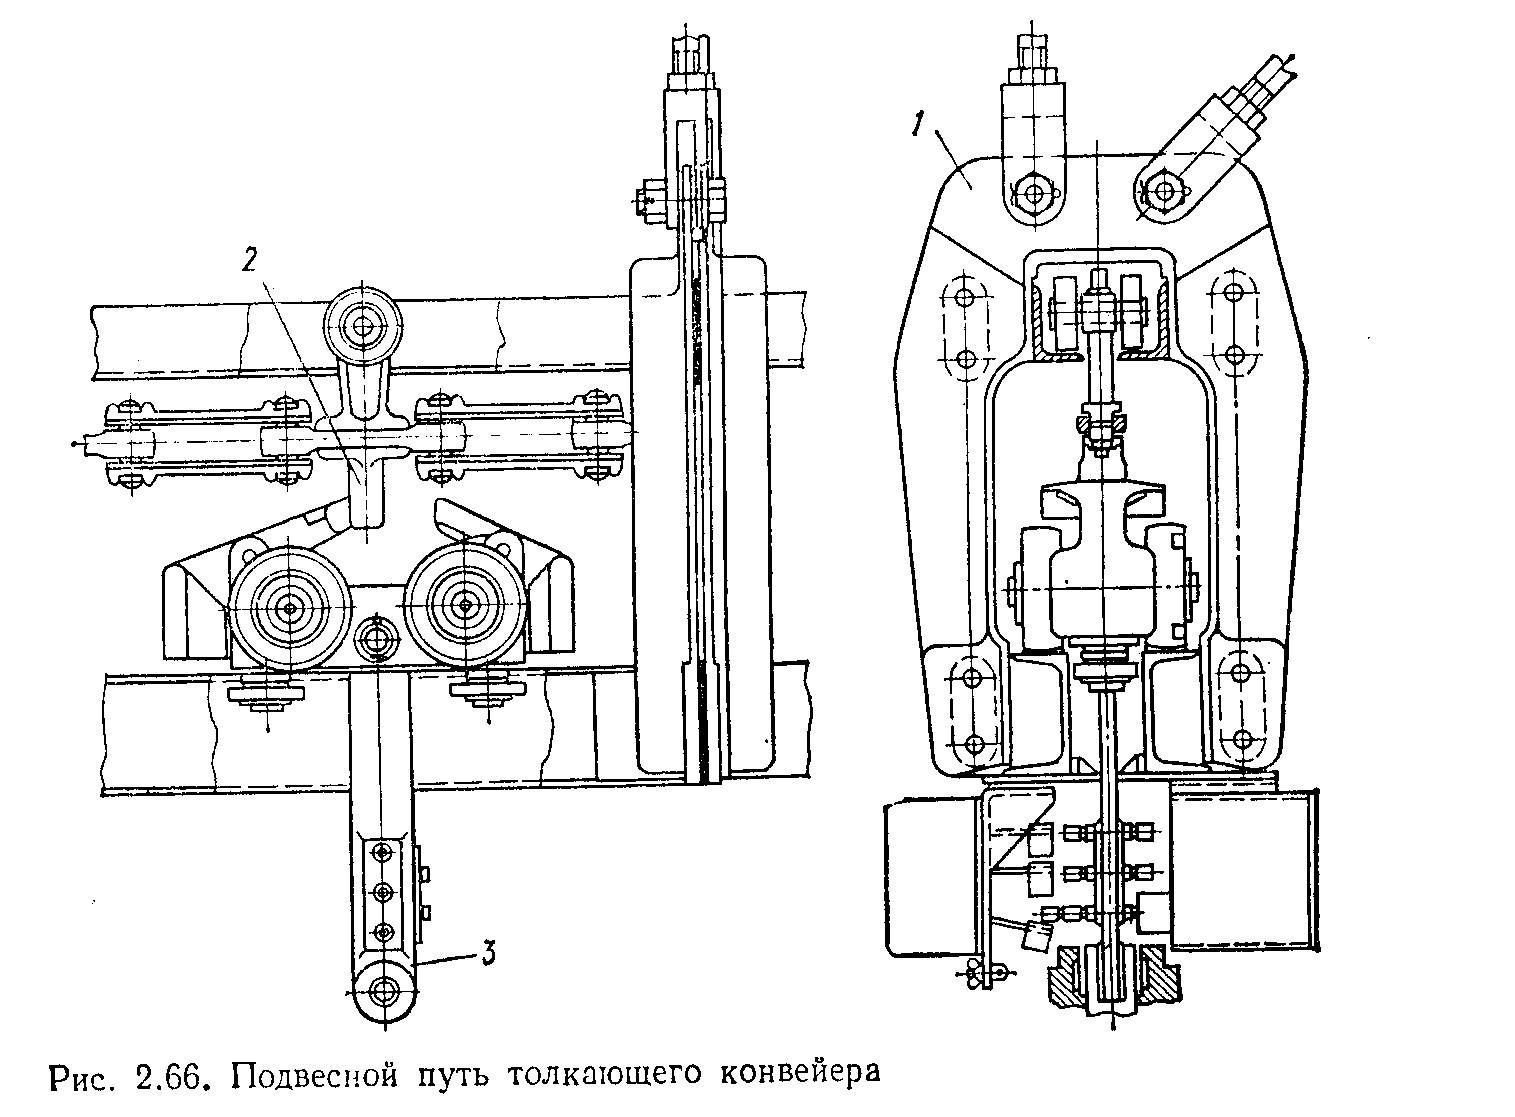 Ролики для подвесного конвейера модели двигателей фольксваген транспортер т5